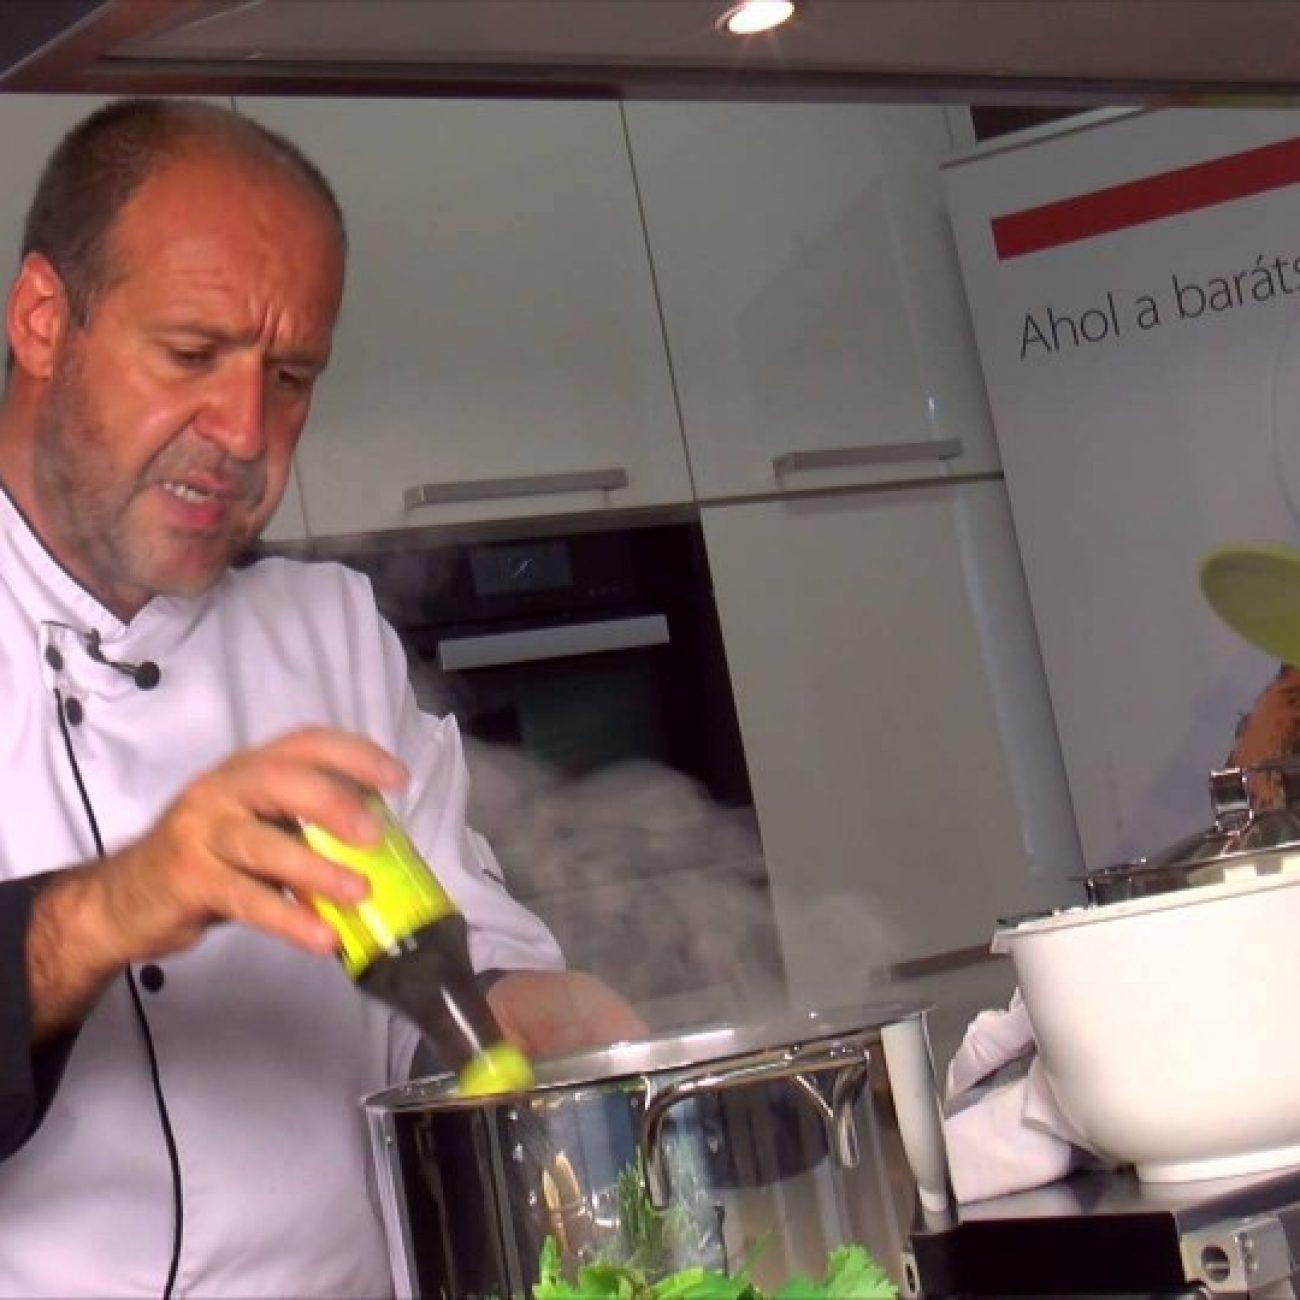 Pho leves, ahogy egy Parfümséf készíti